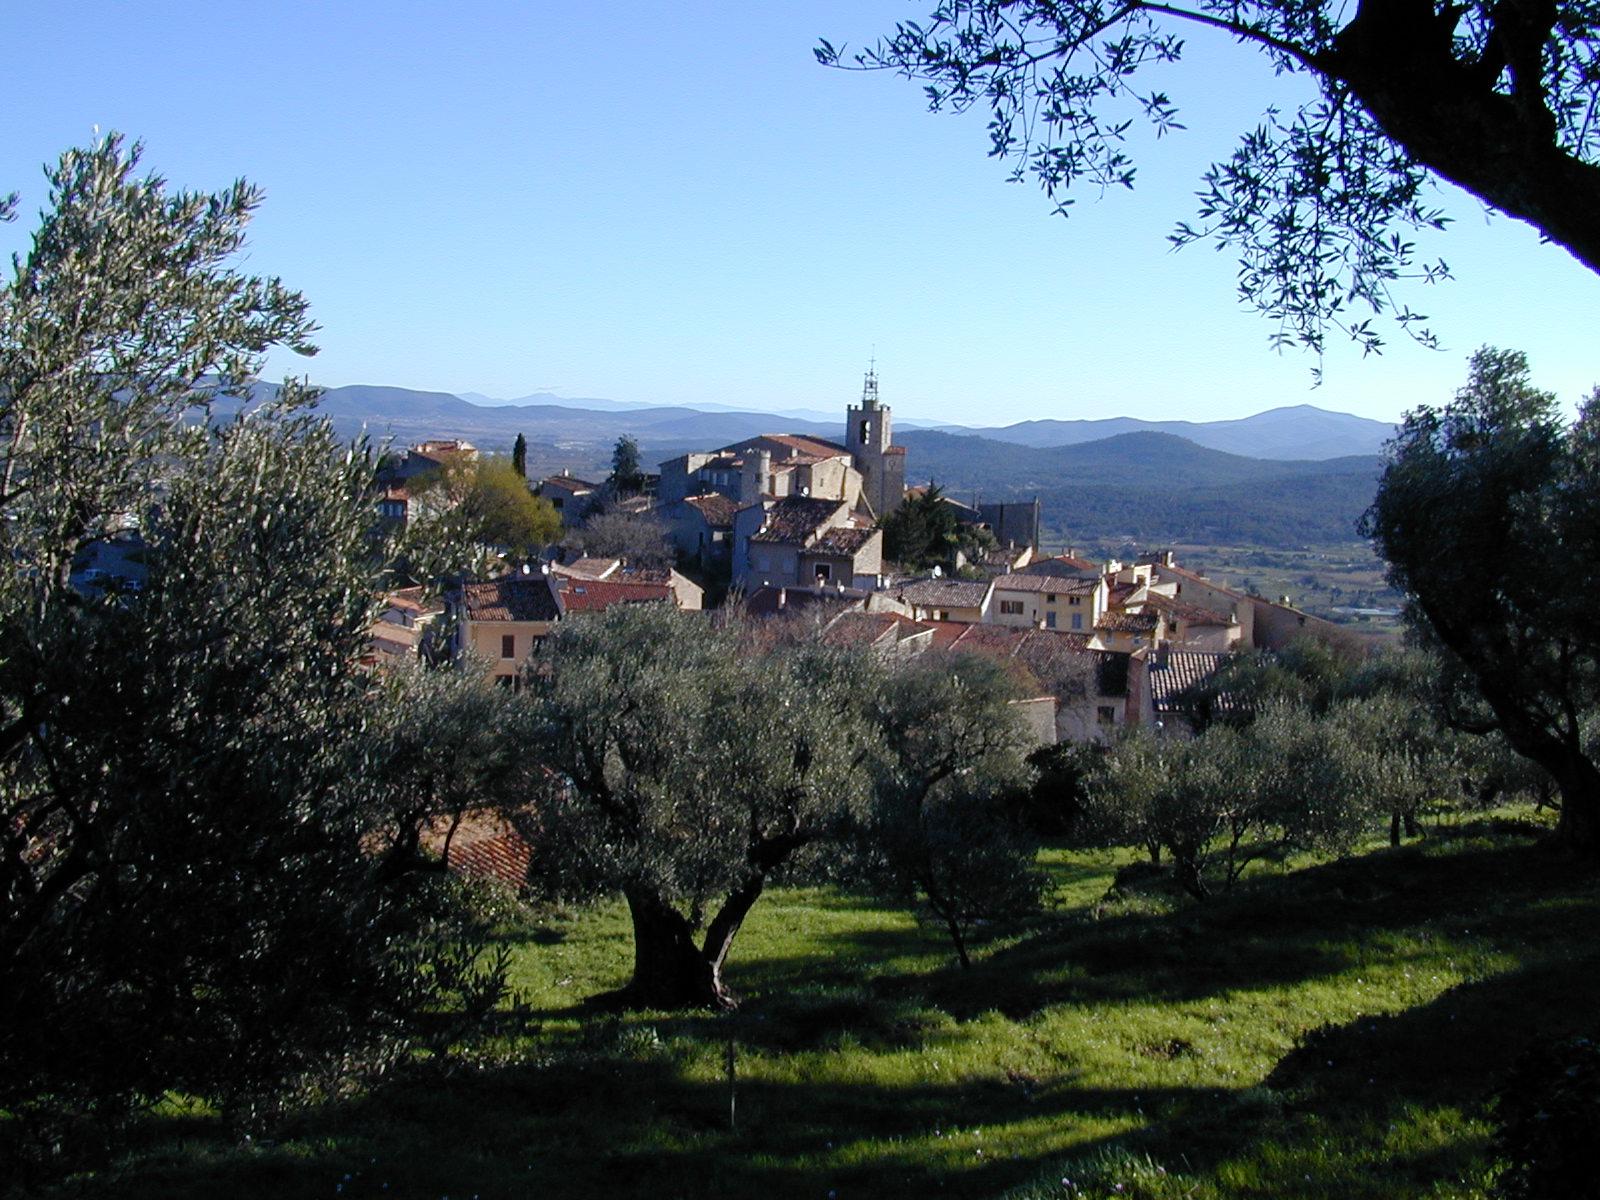 SV oliviers